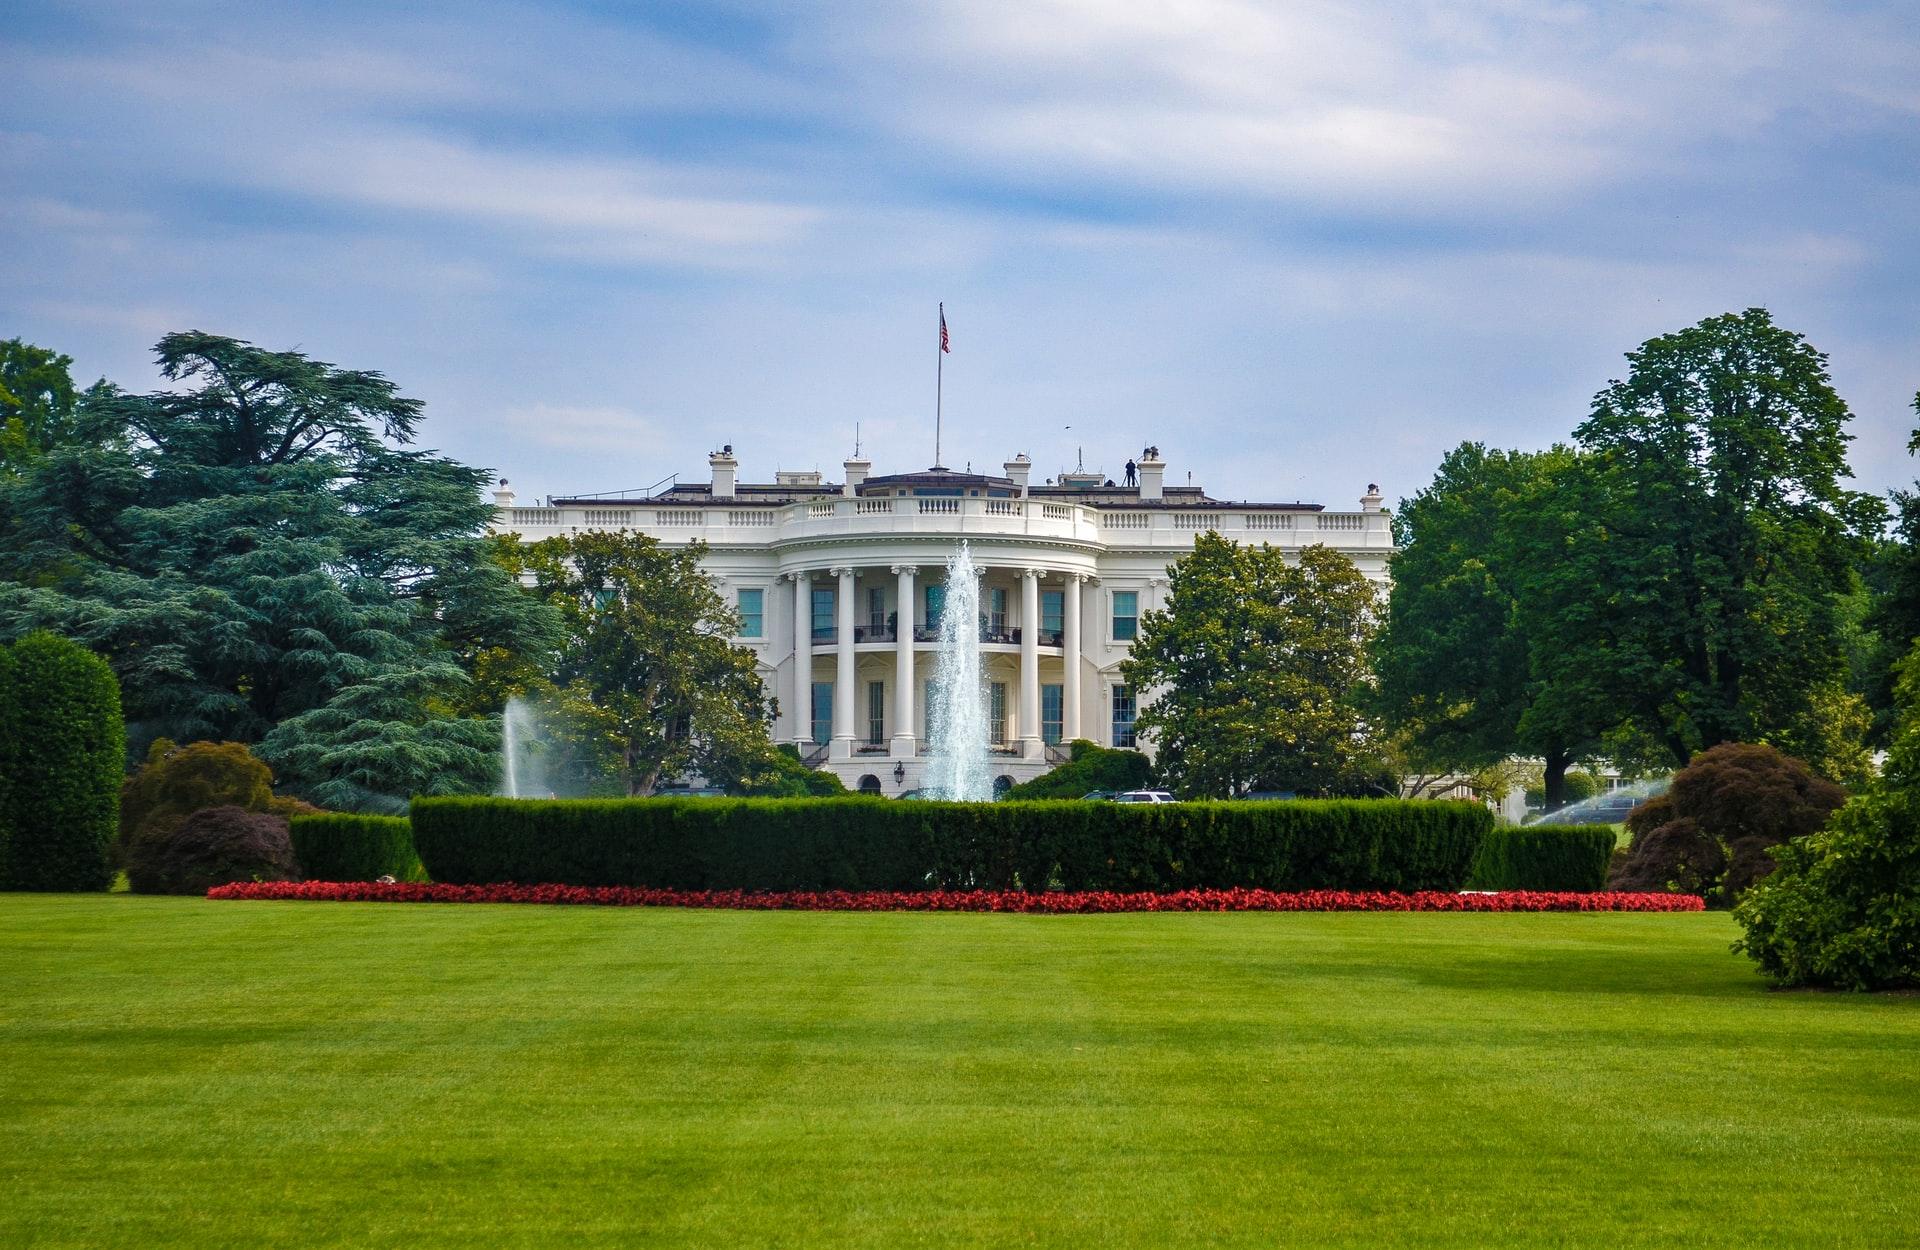 Gehirnfresser aus dem Weltraum landen in Washington und plündern Weißes Haus